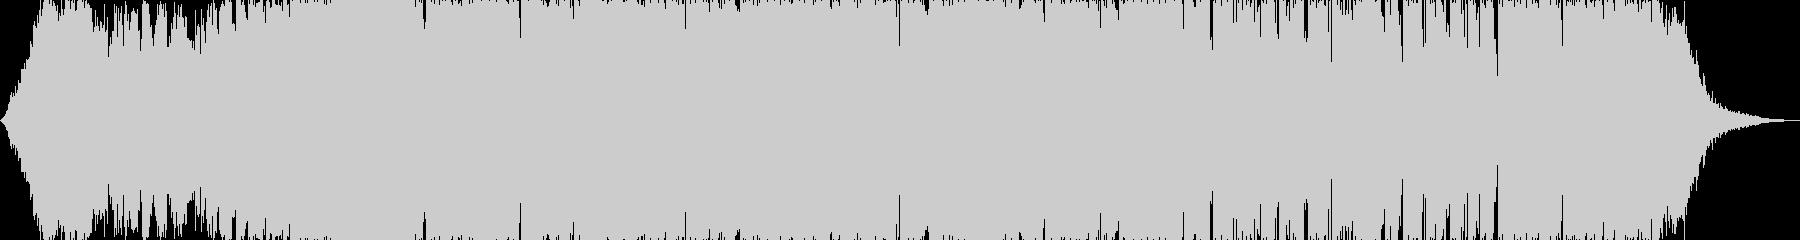 爽やか・キラキラ・感疾走ドラムンベースCの未再生の波形